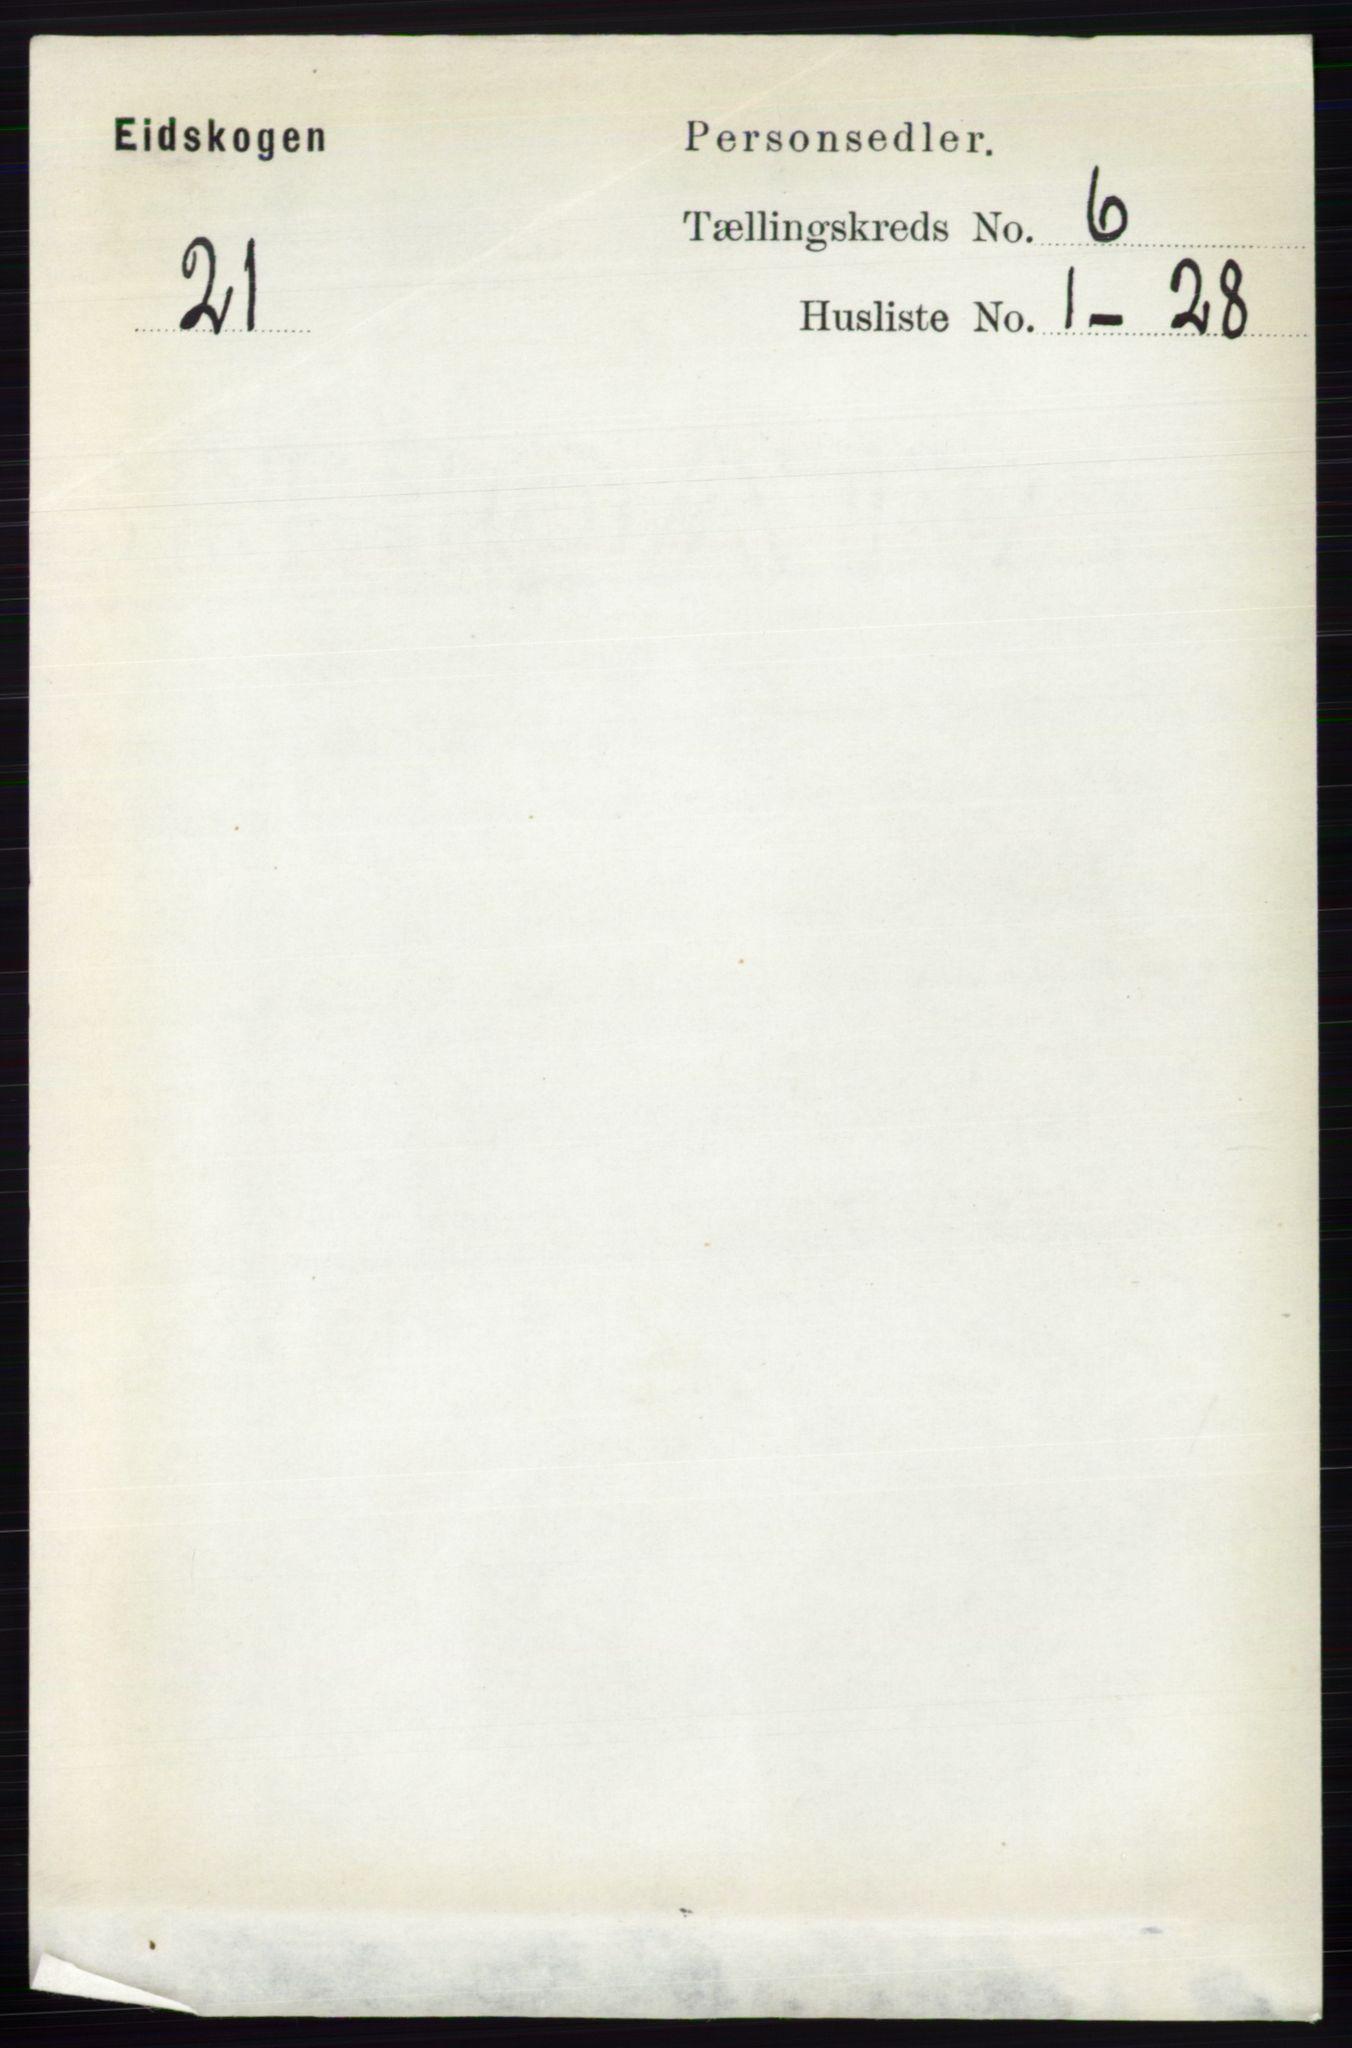 RA, Folketelling 1891 for 0420 Eidskog herred, 1891, s. 2849